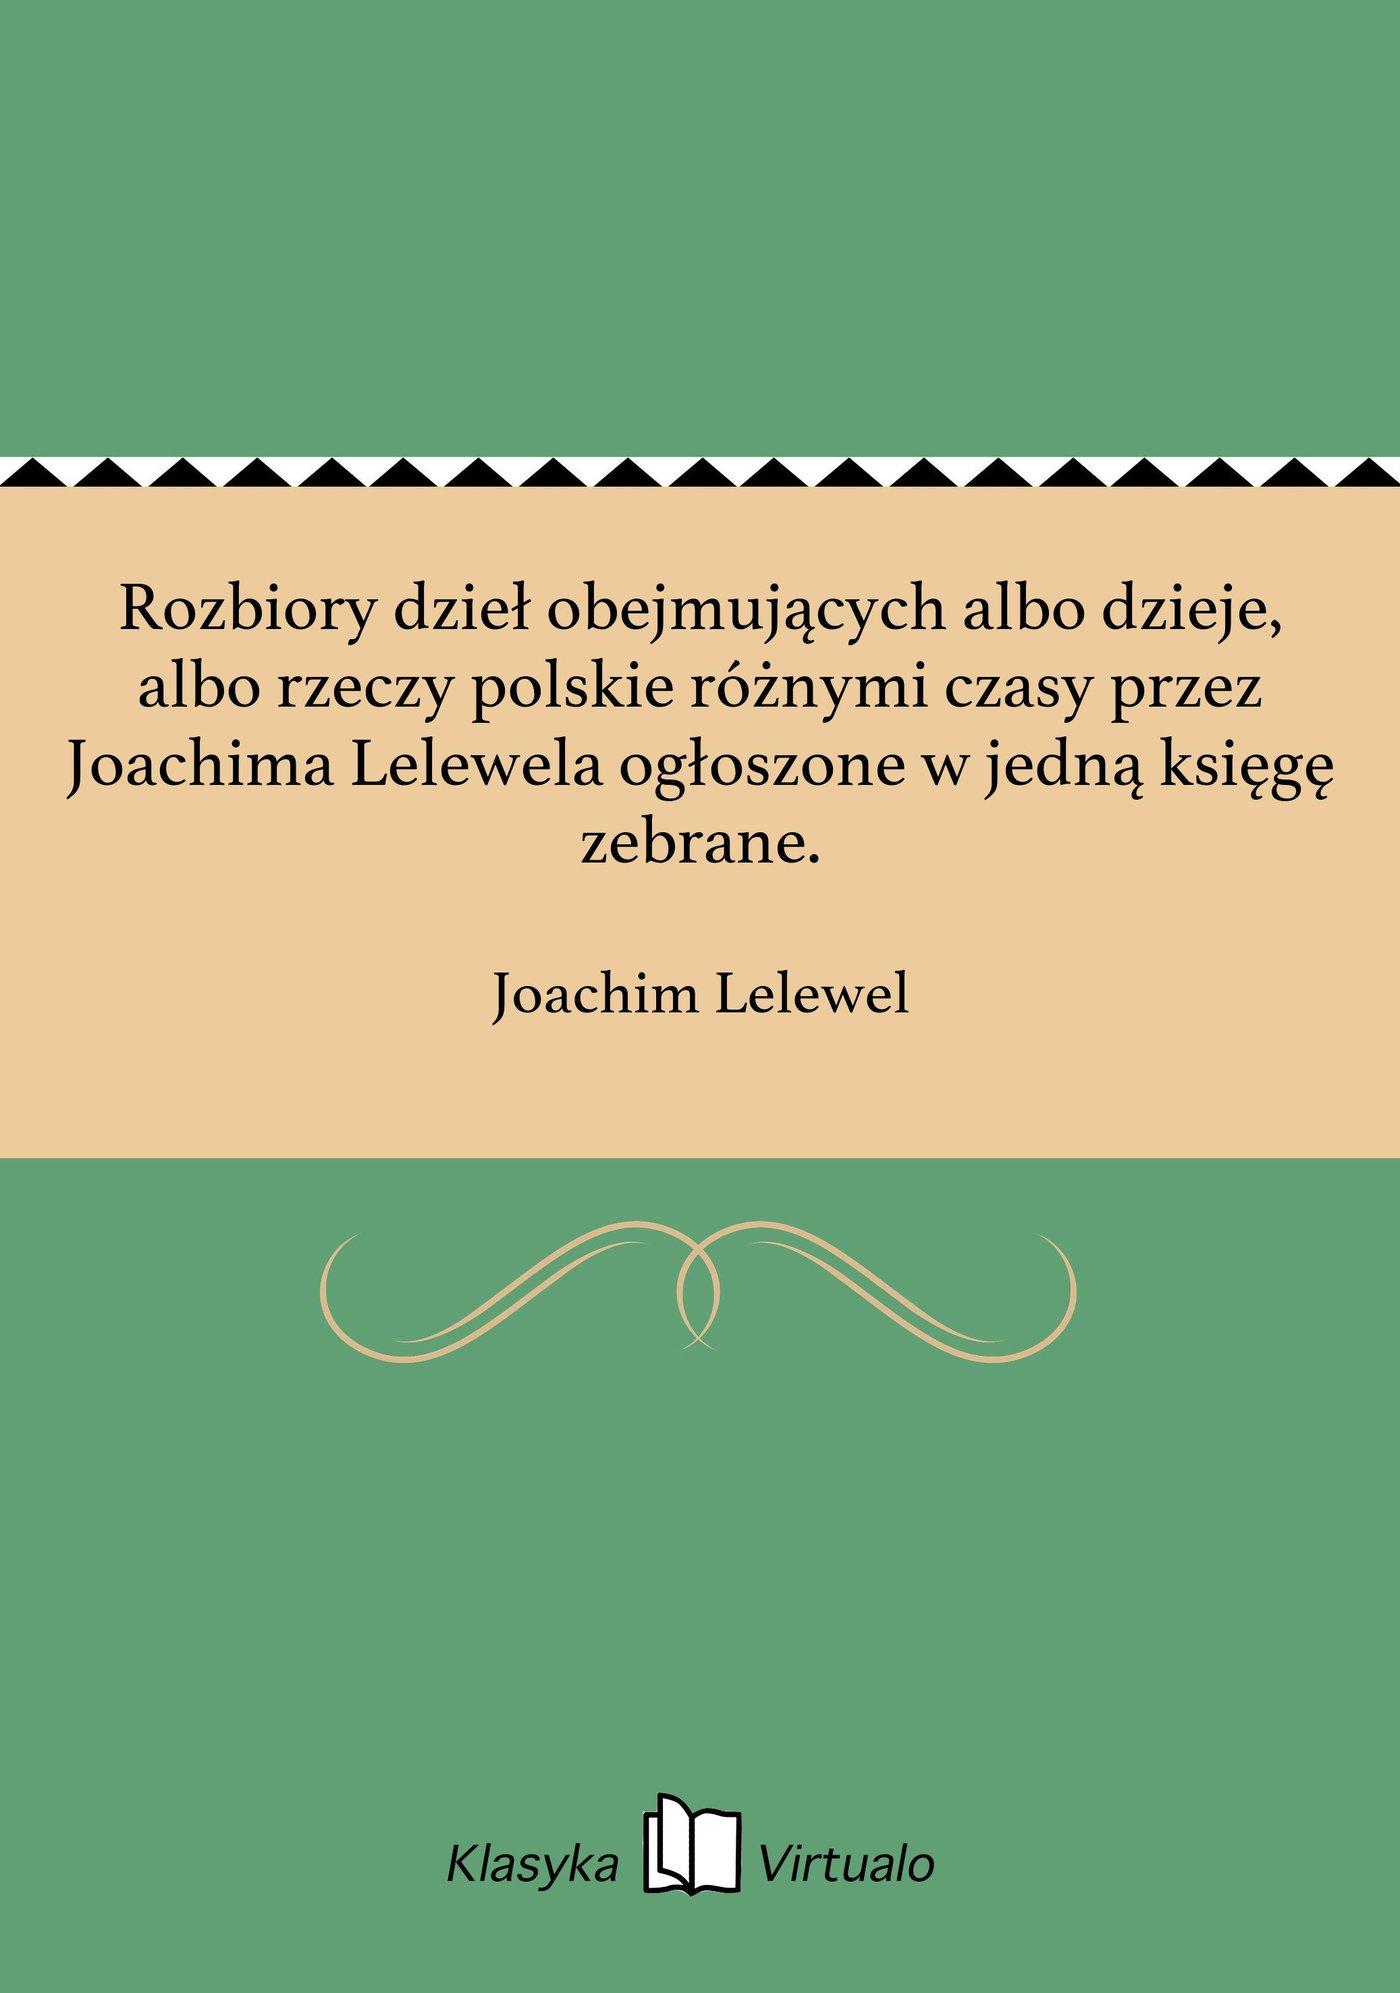 Rozbiory dzieł obejmujących albo dzieje, albo rzeczy polskie różnymi czasy przez Joachima Lelewela ogłoszone w jedną księgę zebrane. - Ebook (Książka EPUB) do pobrania w formacie EPUB